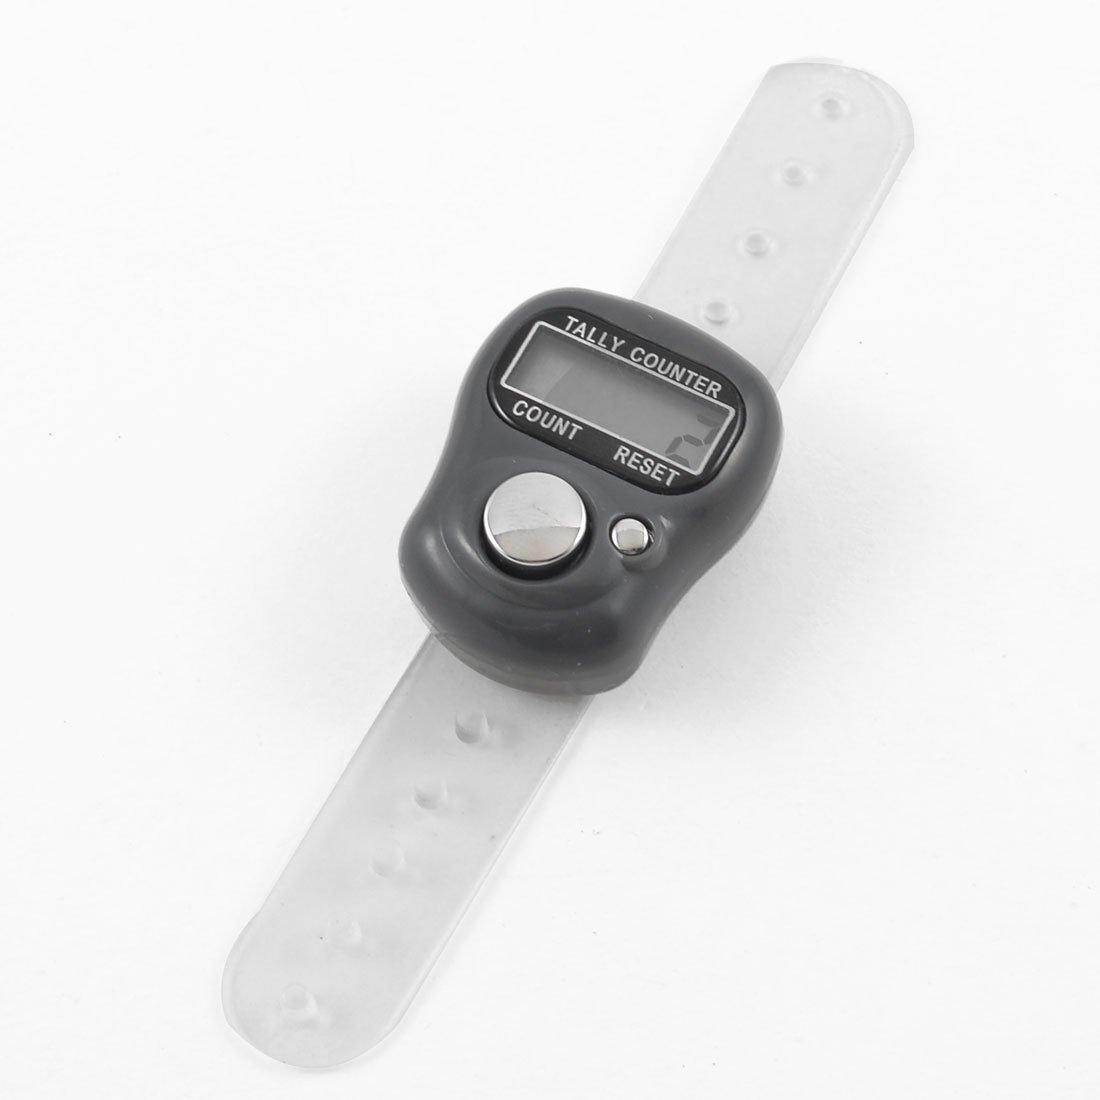 uxcell 小型 デジタルカウンター 電子カウンター 数取器 計数器 指用 数取り器 ポータブルカウンター プラスチックバンド グレーケース